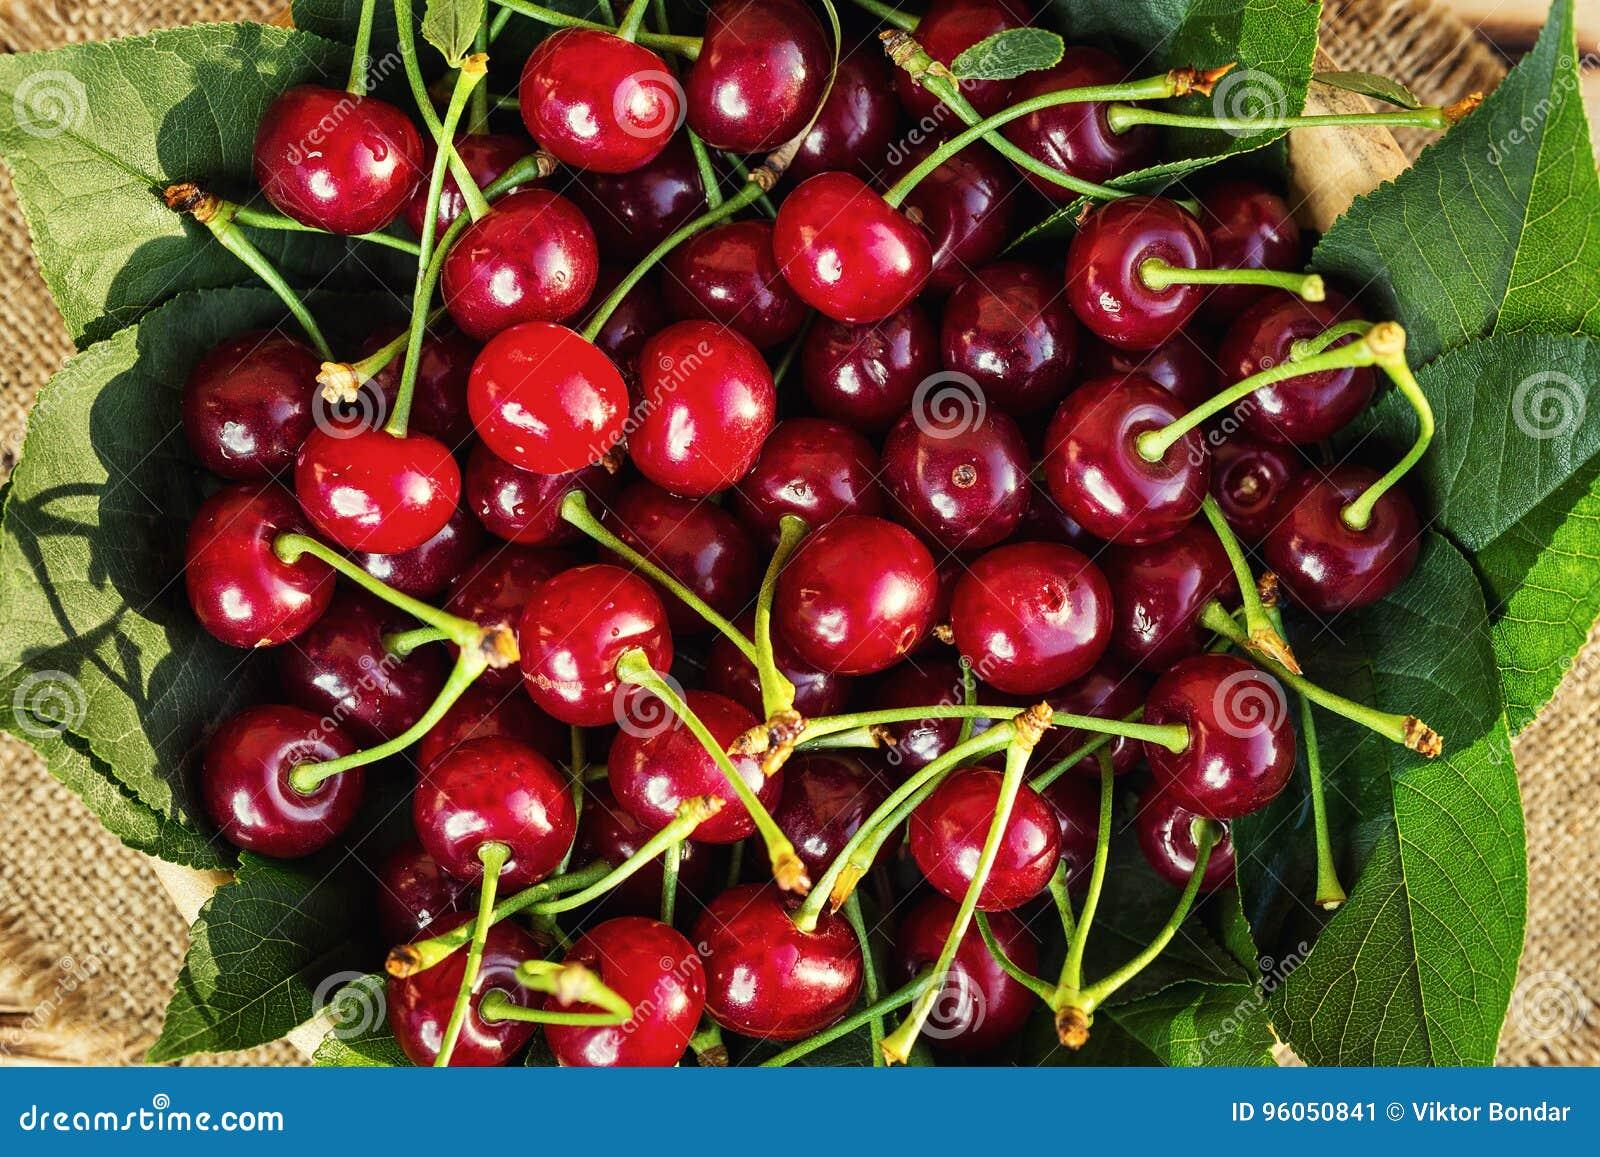 Cerises dans le panier sur la table en bois Cerise Cerises dans la cuvette Rouge